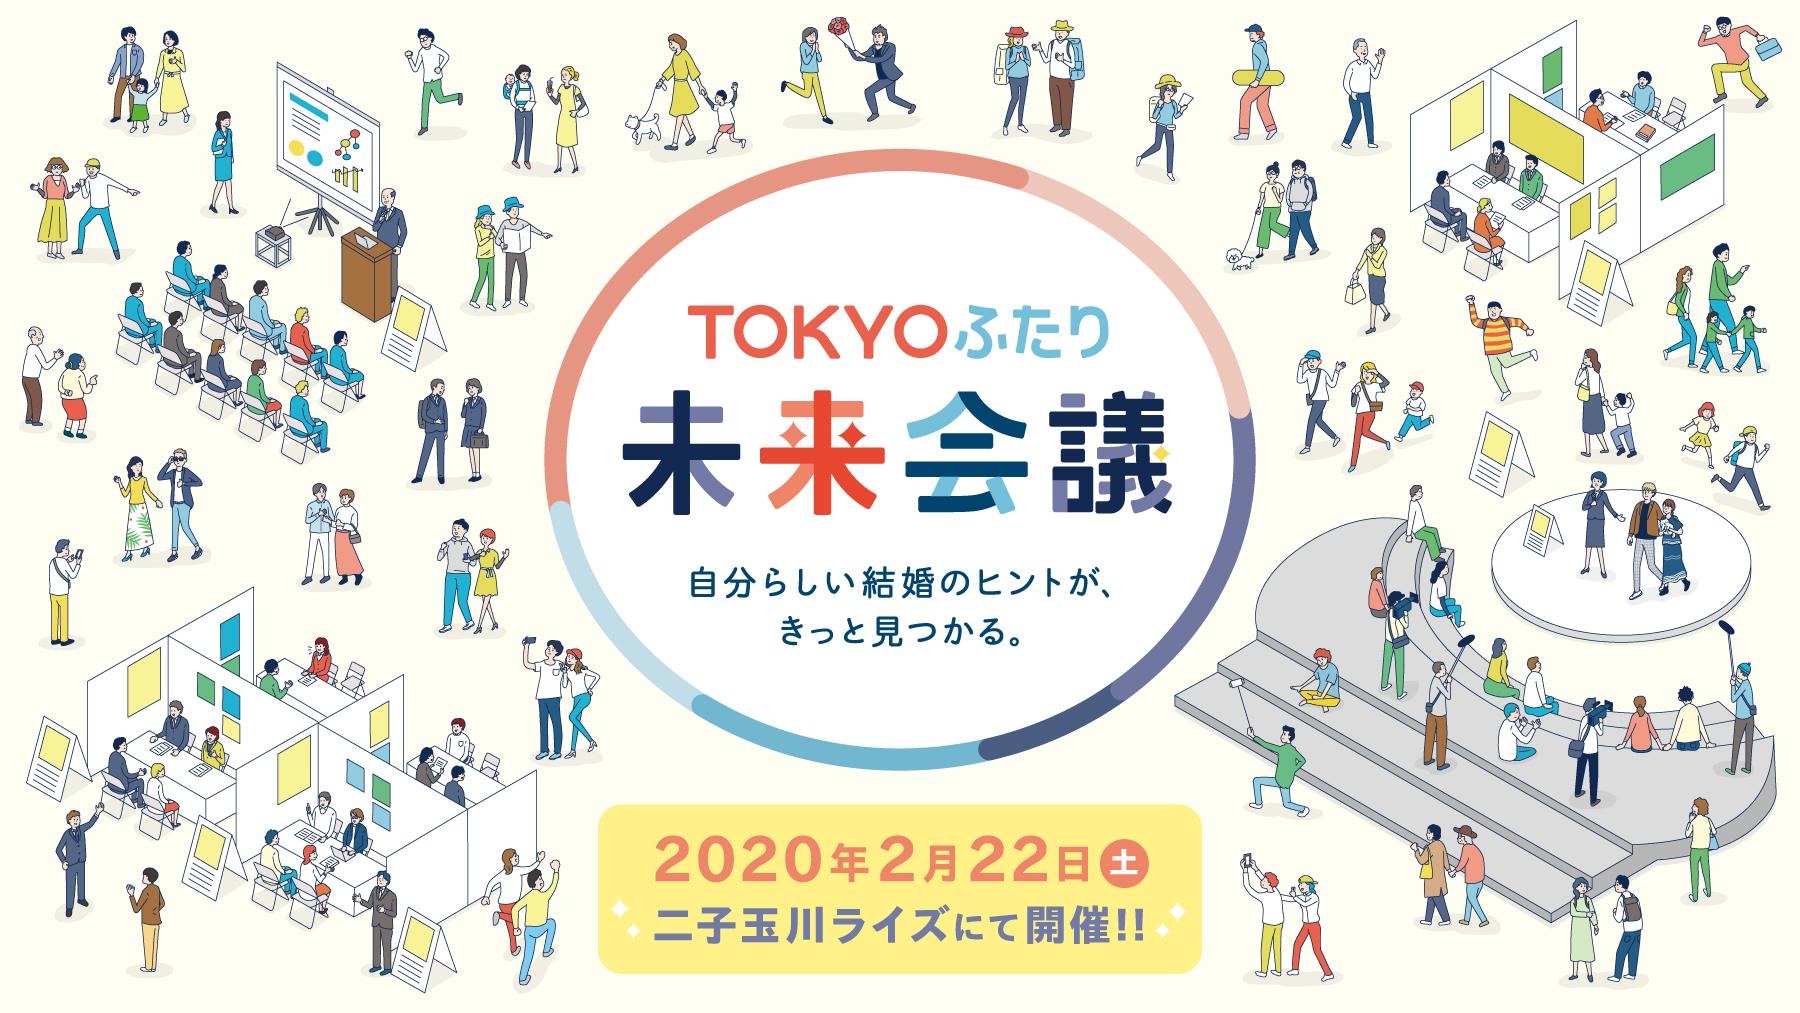 """【東京都からのお知らせ】""""TOKYOふたり未来会議"""" ― 結婚や自分の未来について考えることができるイベント ―"""